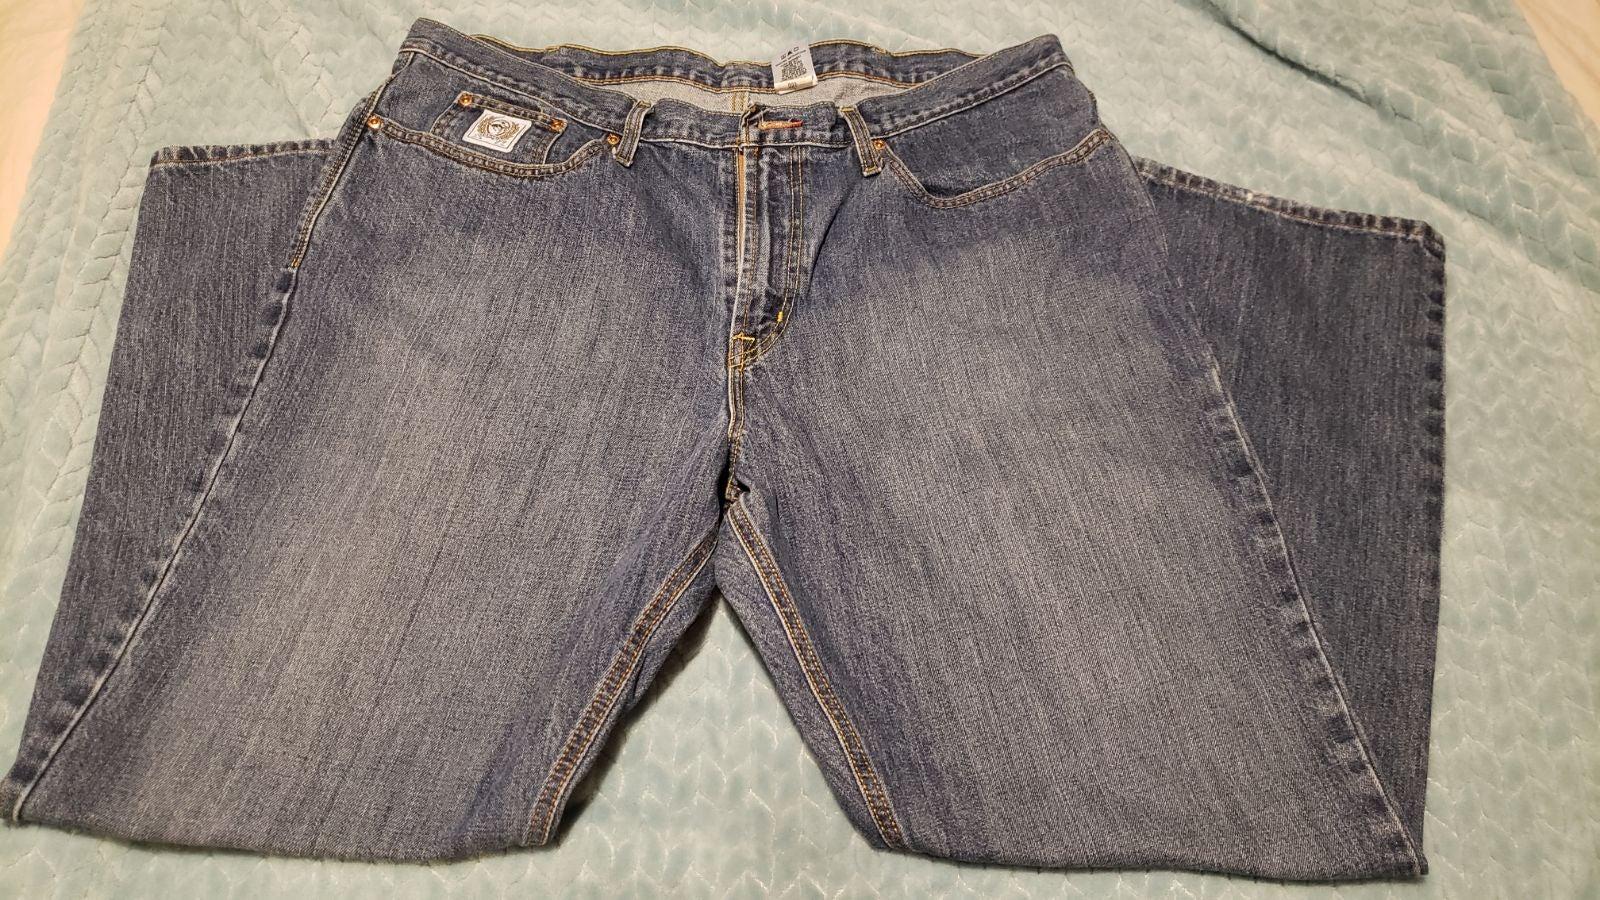 Cinch Jeans for men